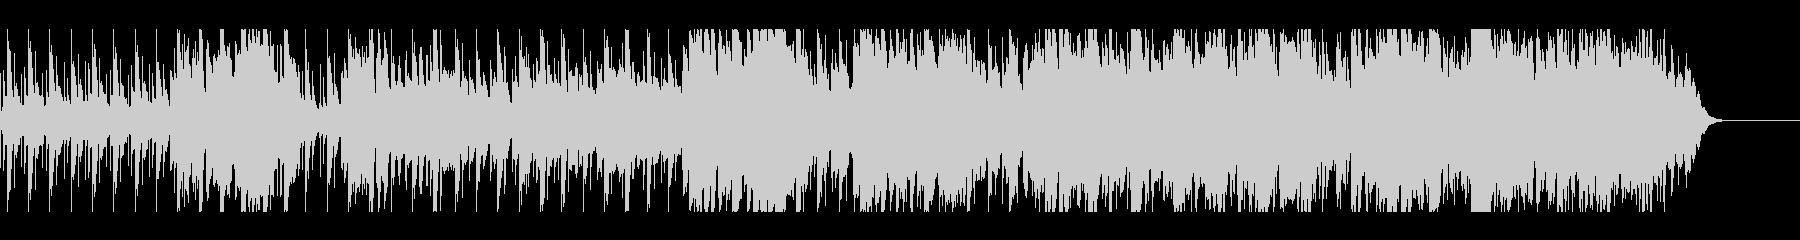 かわいいマリンバのワルツの未再生の波形